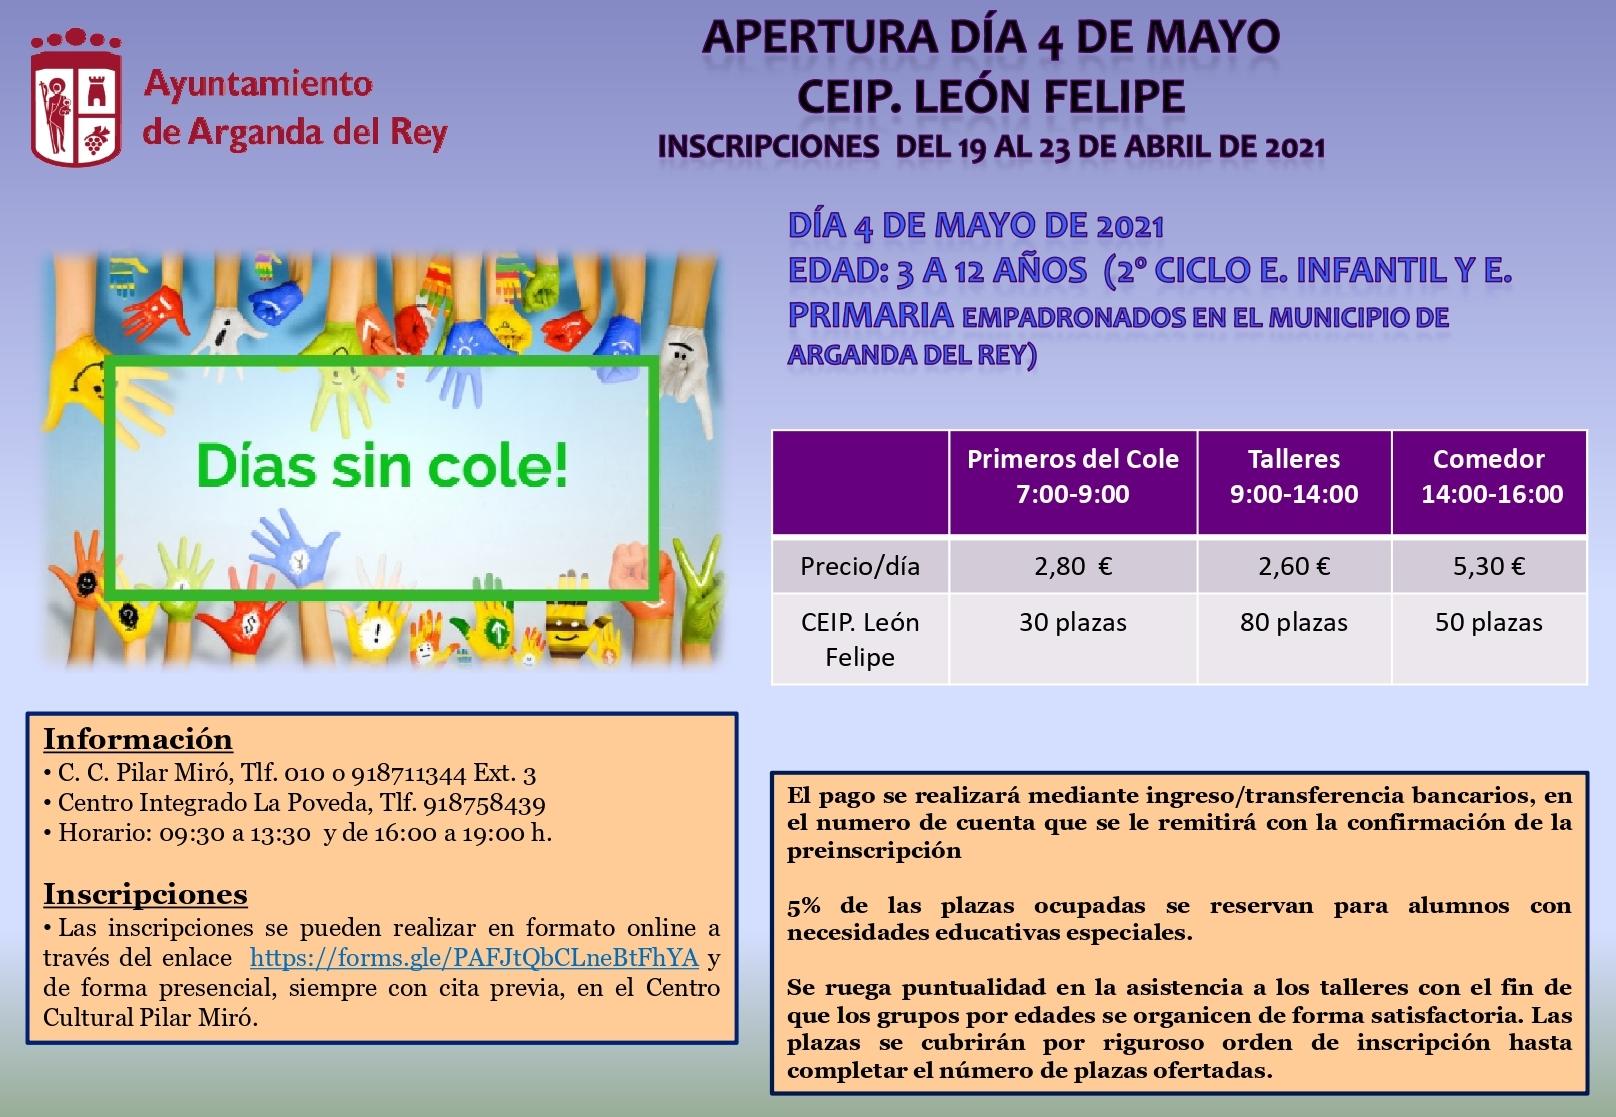 El CEIP León Felipe tendrá una apertura especial el próximo 4 de mayo para niños y niñas de 3 a 12 años